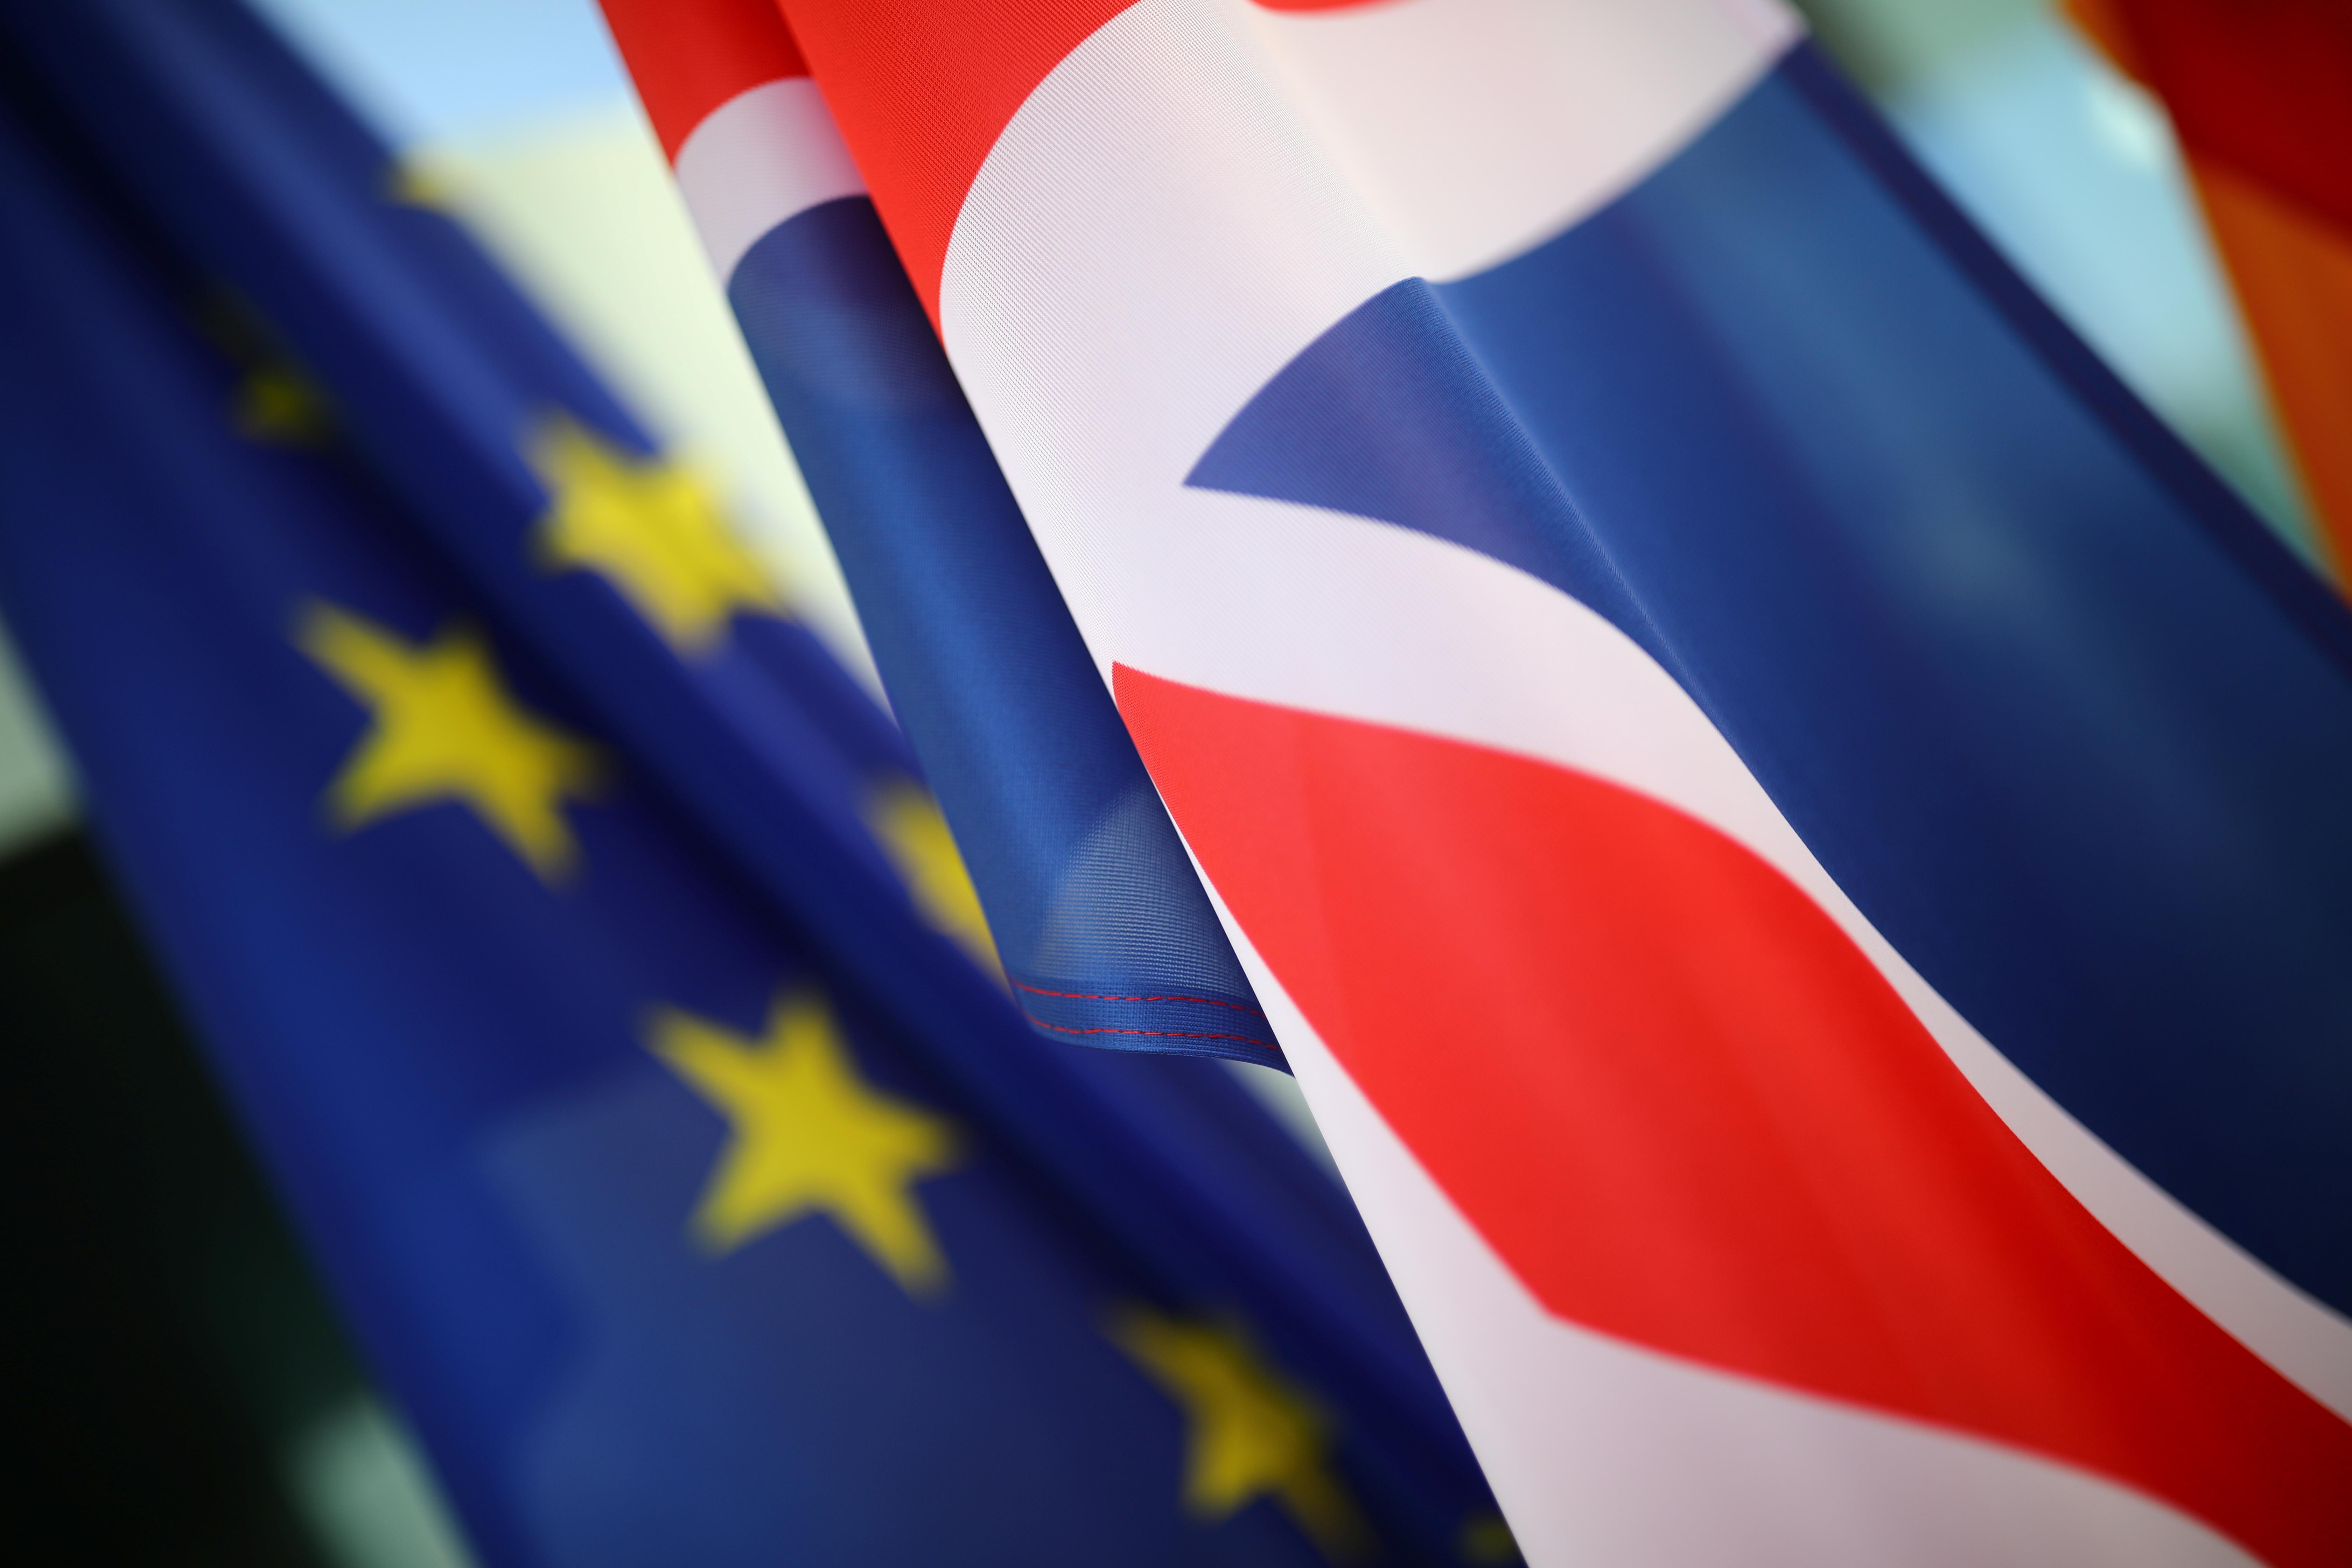 nouvelle-semaine-decisive-pour-le-brexit-nous-ne-sommes-pas-tres-optimistes-dit-un-diplomate-de-l-ue 20191213122317